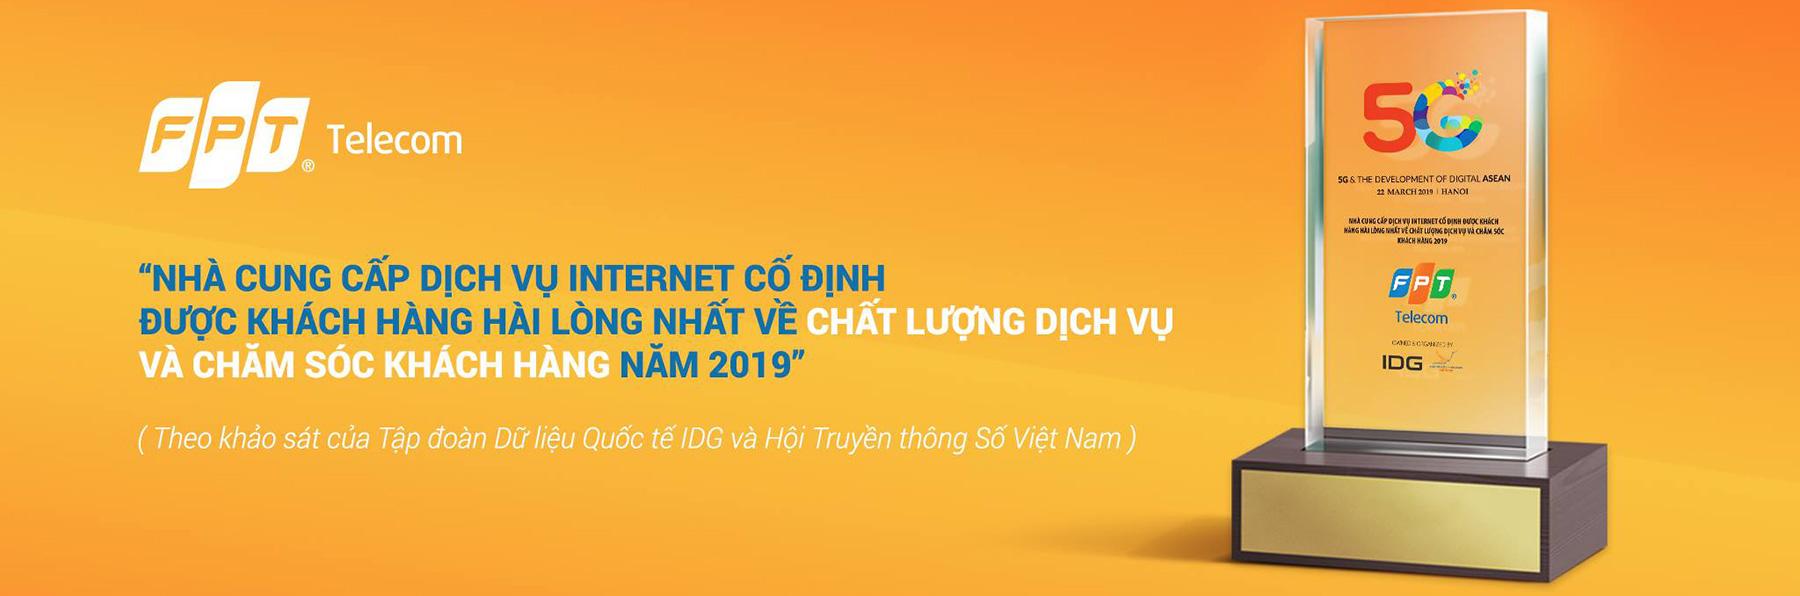 FPT Telecom là nhà cung cấp dịch vụ internet hàng đầu Việt Nam